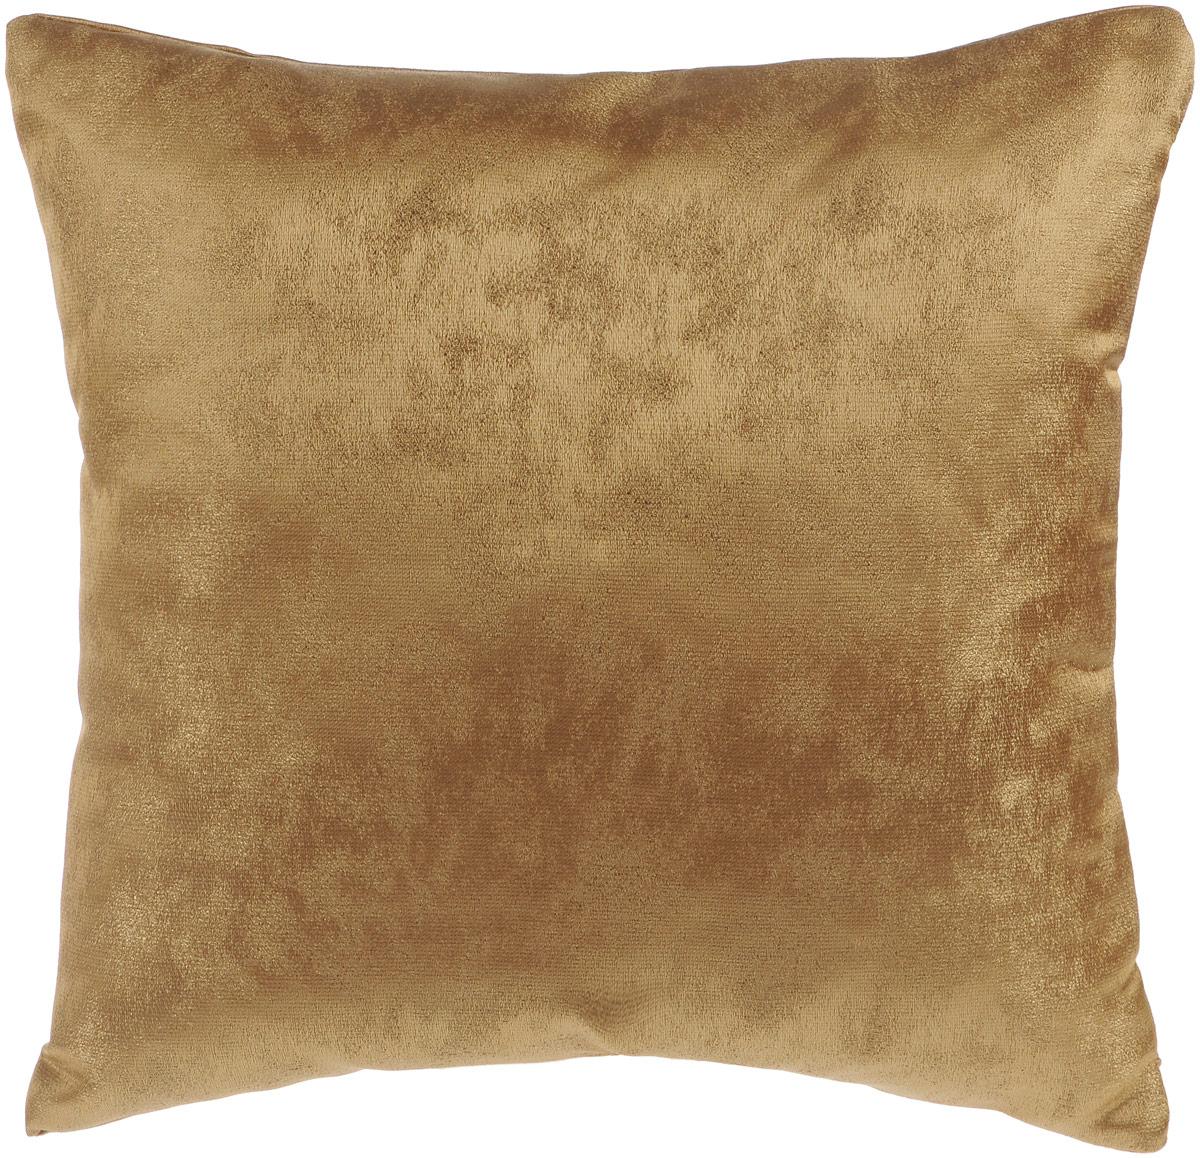 Подушка декоративная KauffOrt Магия, цвет: коричневый, 40 x 40 смS03301004Декоративная подушка Магия прекрасно дополнит интерьер спальни или гостиной. Приятный на ощупь чехол подушки выполнен из полиэстера. Внутри находится мягкий наполнитель. Чехол легко снимается благодаря потайной молнии в тон ткани. Красивая подушка создаст атмосферу уюта и комфорта в спальне и станет прекрасным элементом декора.